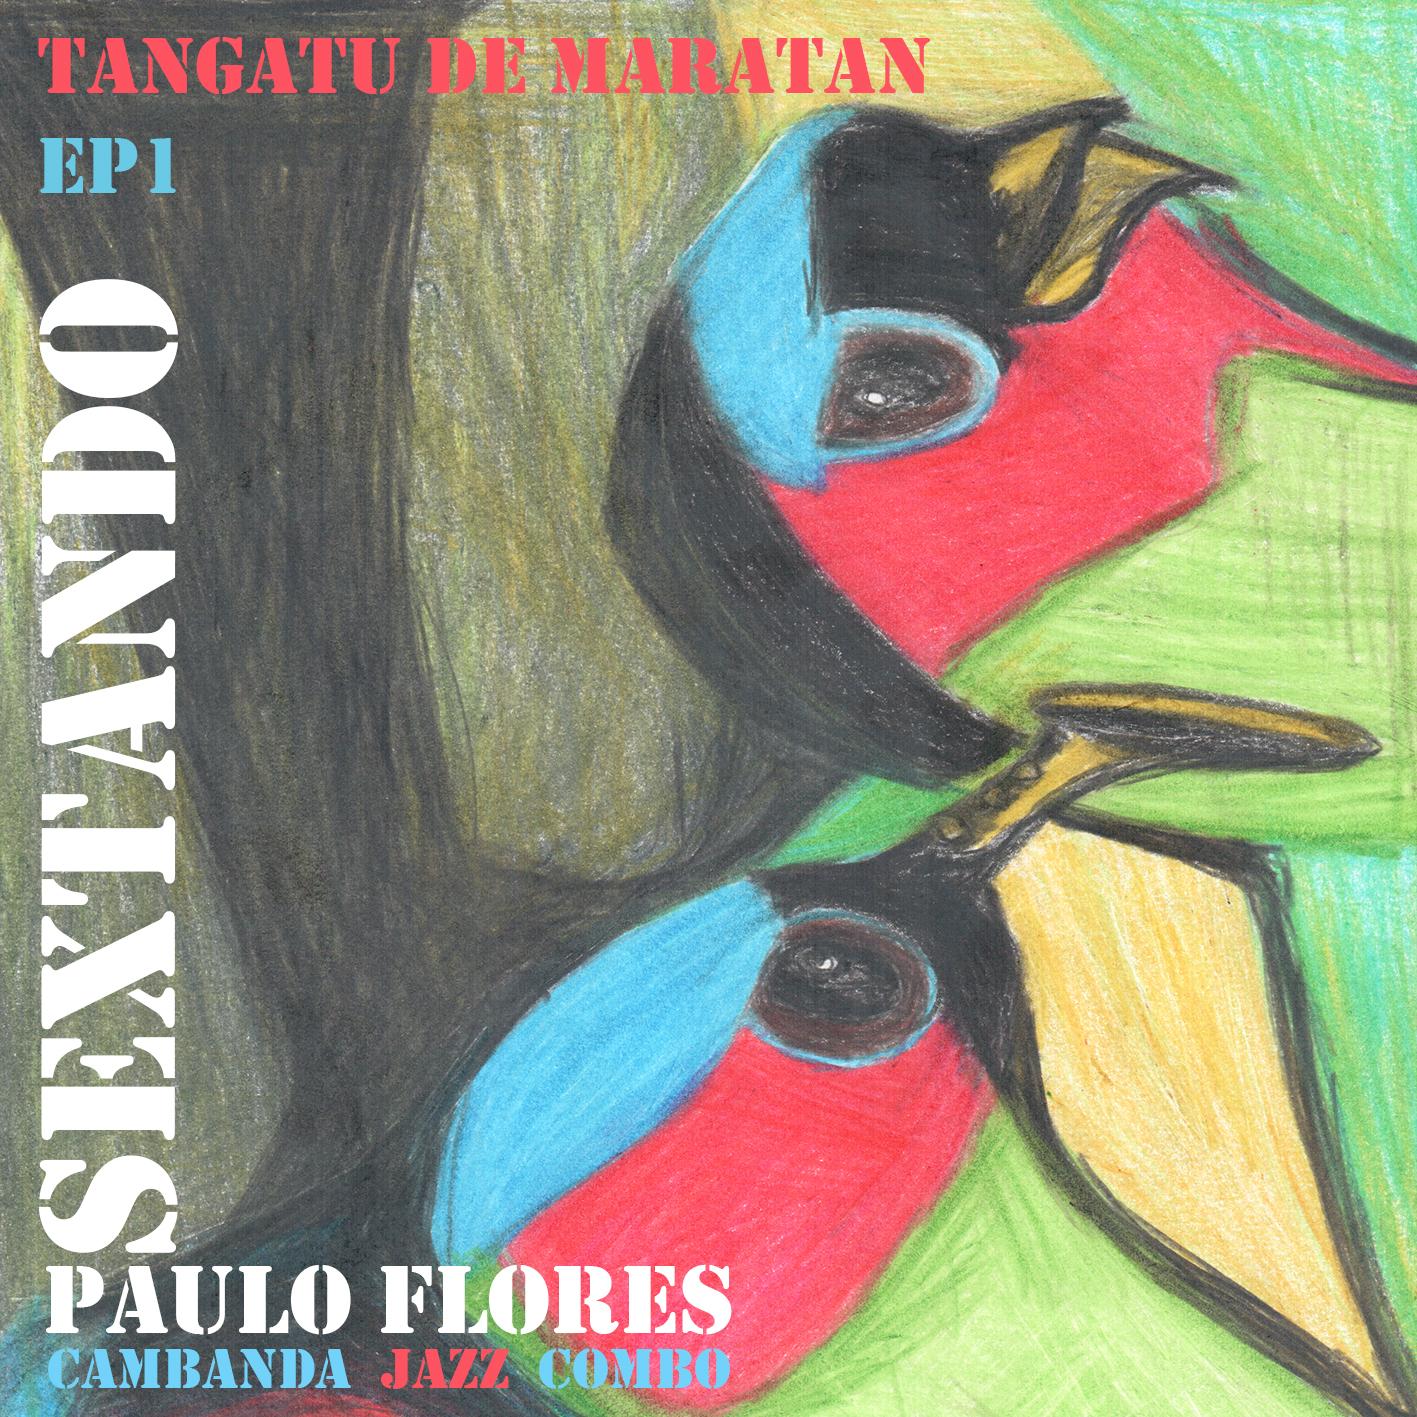 https://0201.nccdn.net/1_2/000/000/101/03c/capa-tango.jpg